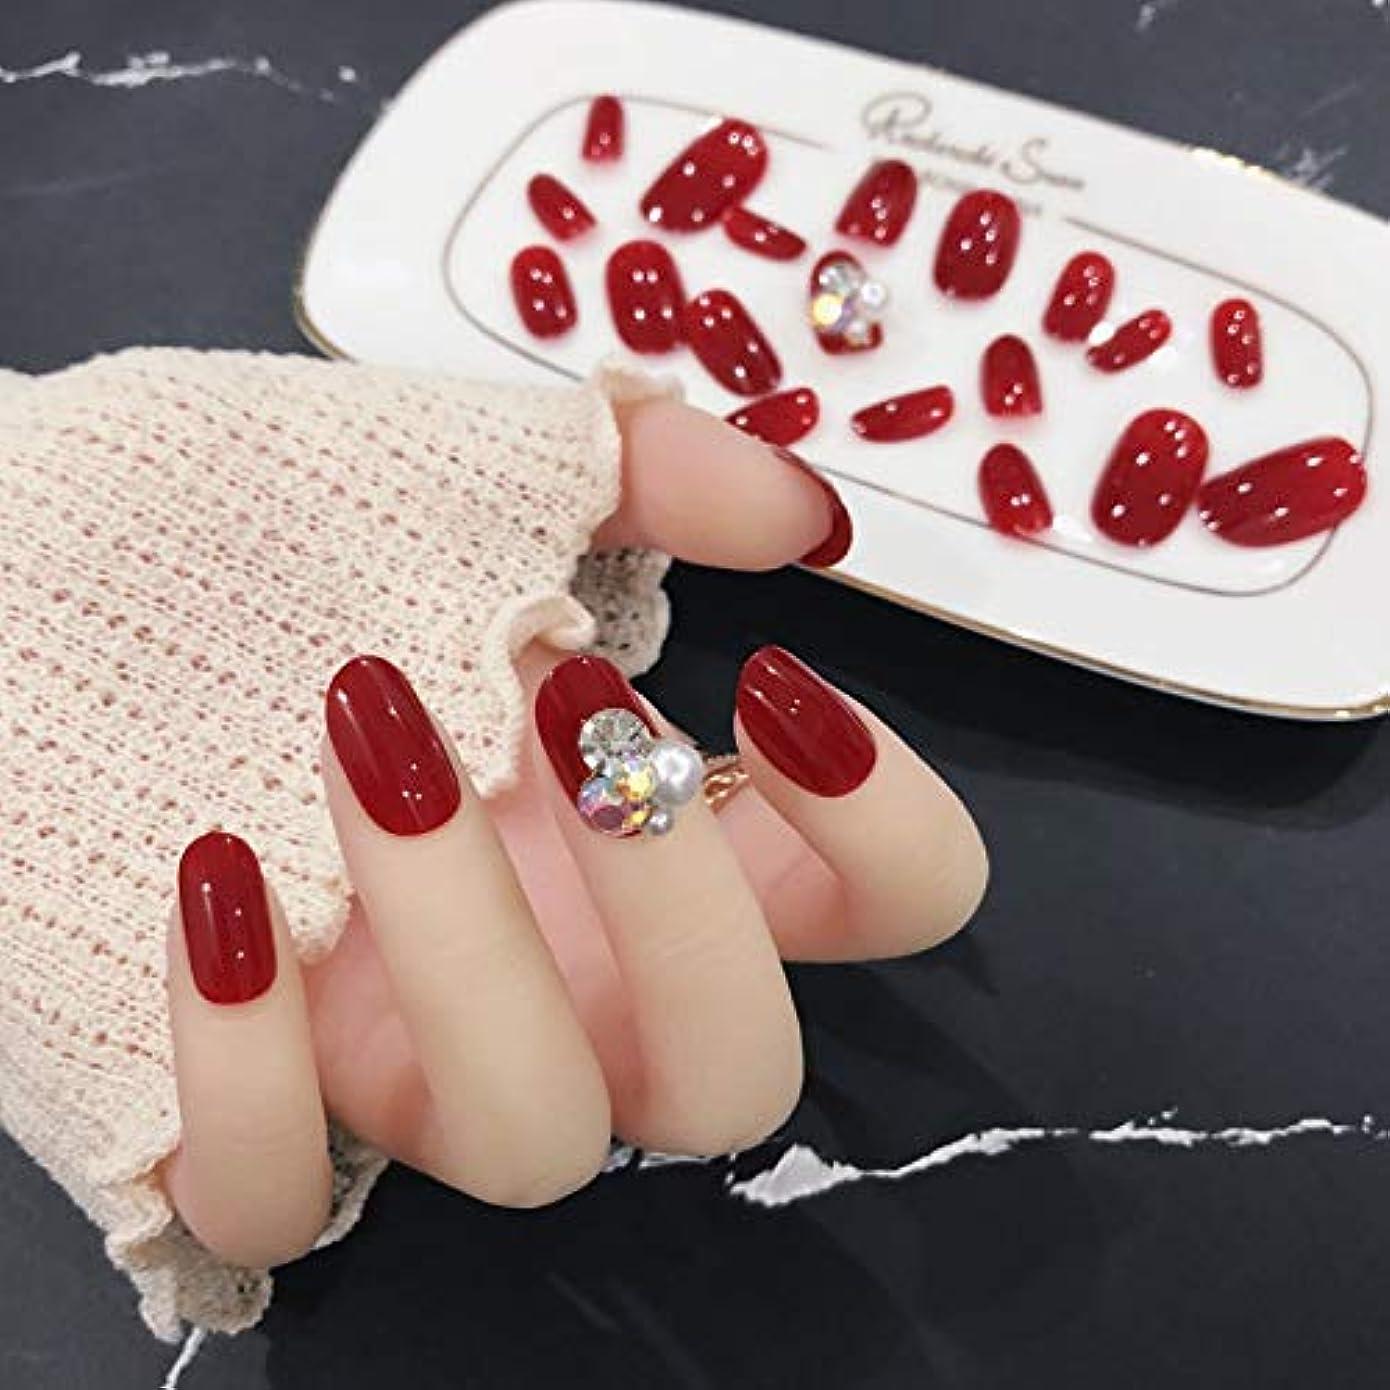 佐賀化学酔っ払い24枚純色付け爪 合成ダイヤモンド、パール装飾 ネイル貼るだけネイルチップ お花嫁付け爪